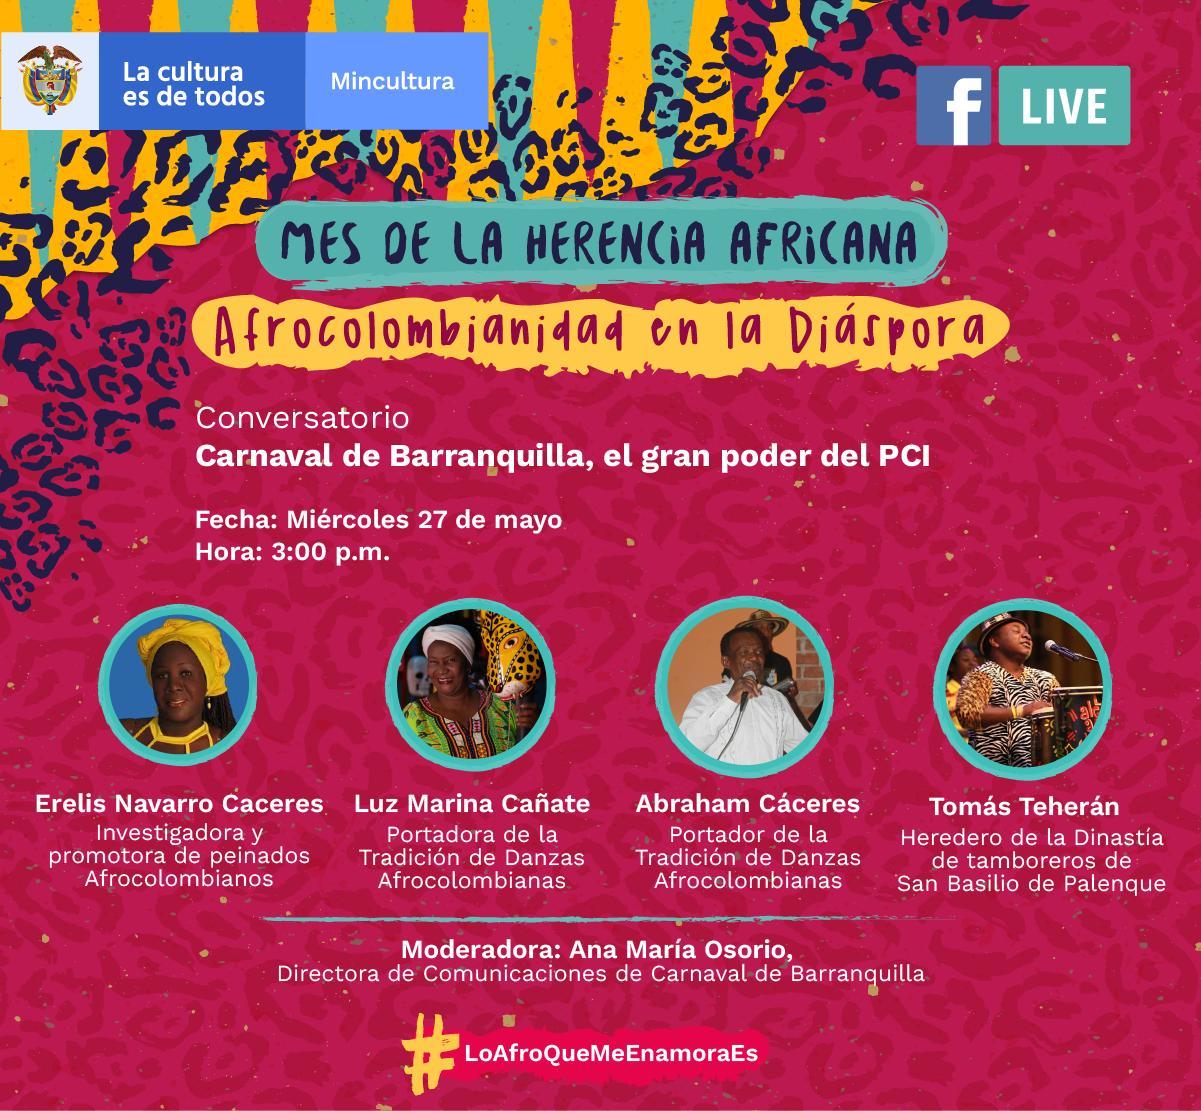 Festival Digital de la Herencia Africana llega al Ministerio de Cultura